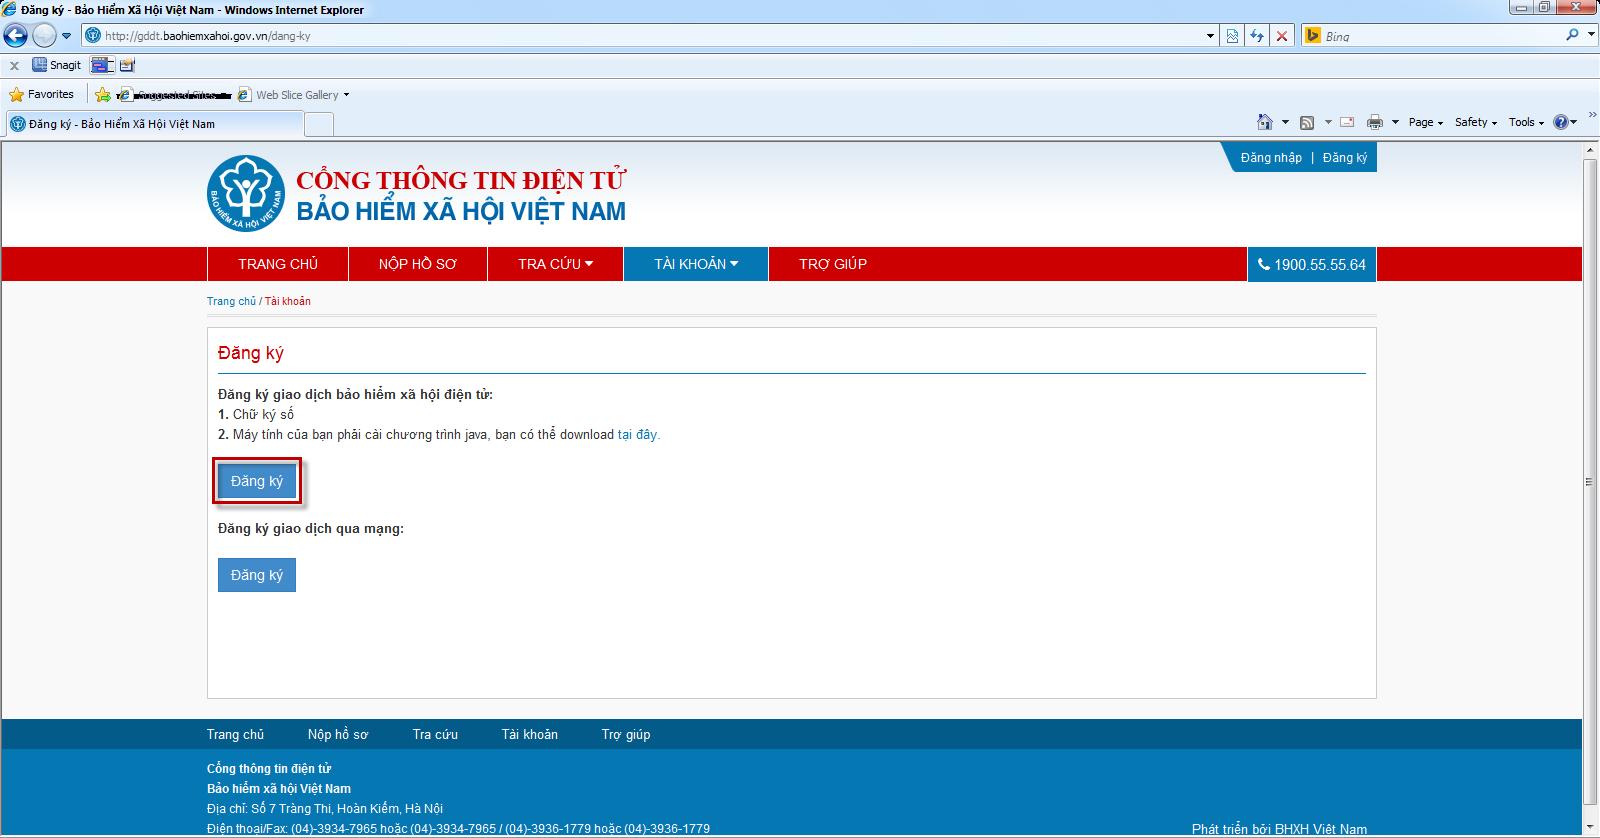 Trang chủ hệ thống cổng thông tin điện tử